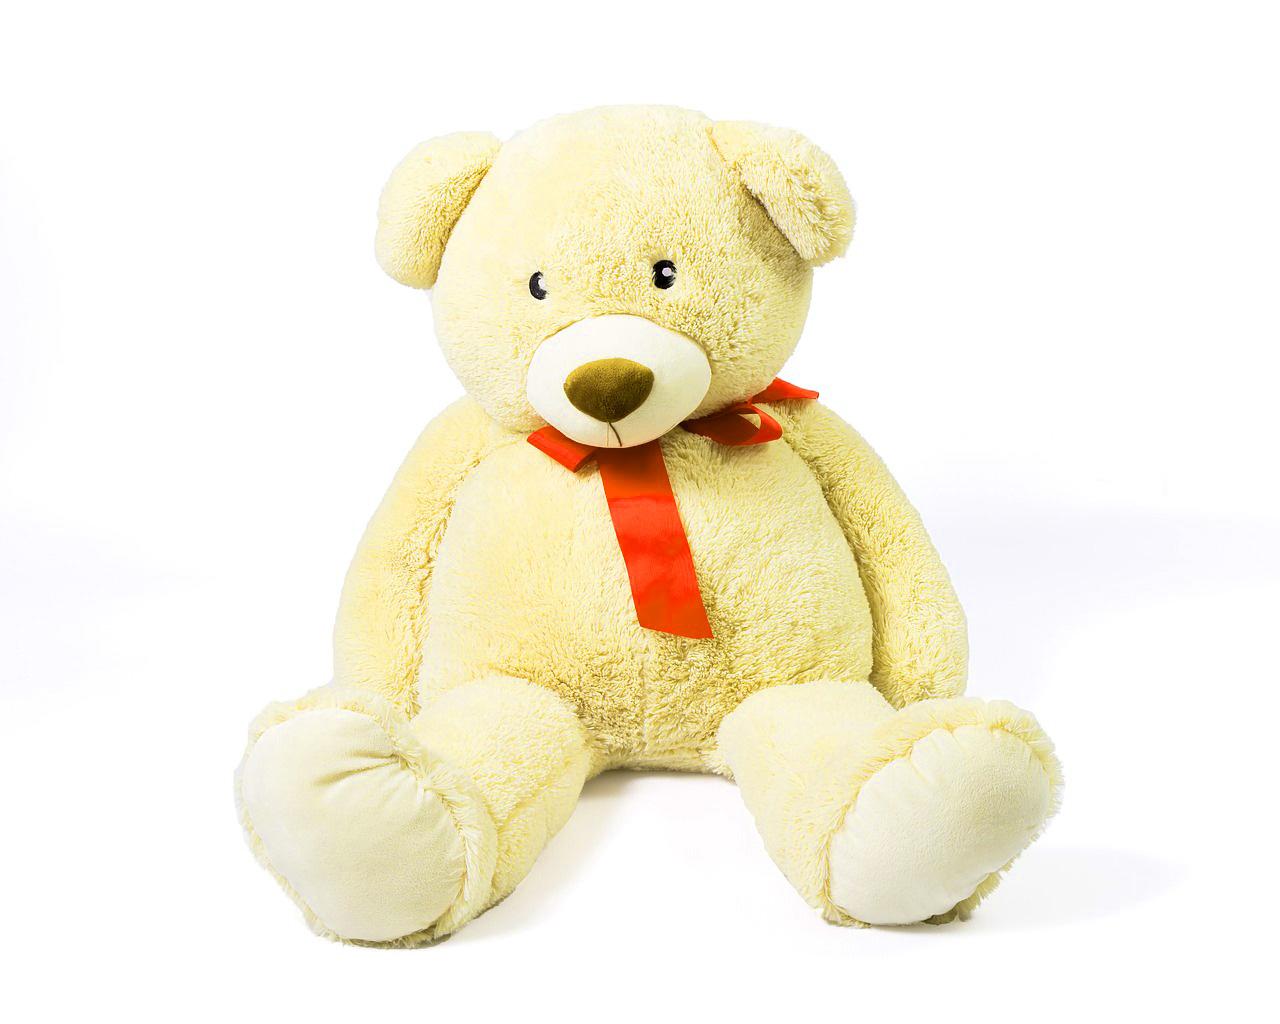 Teaddy bear Photo 19